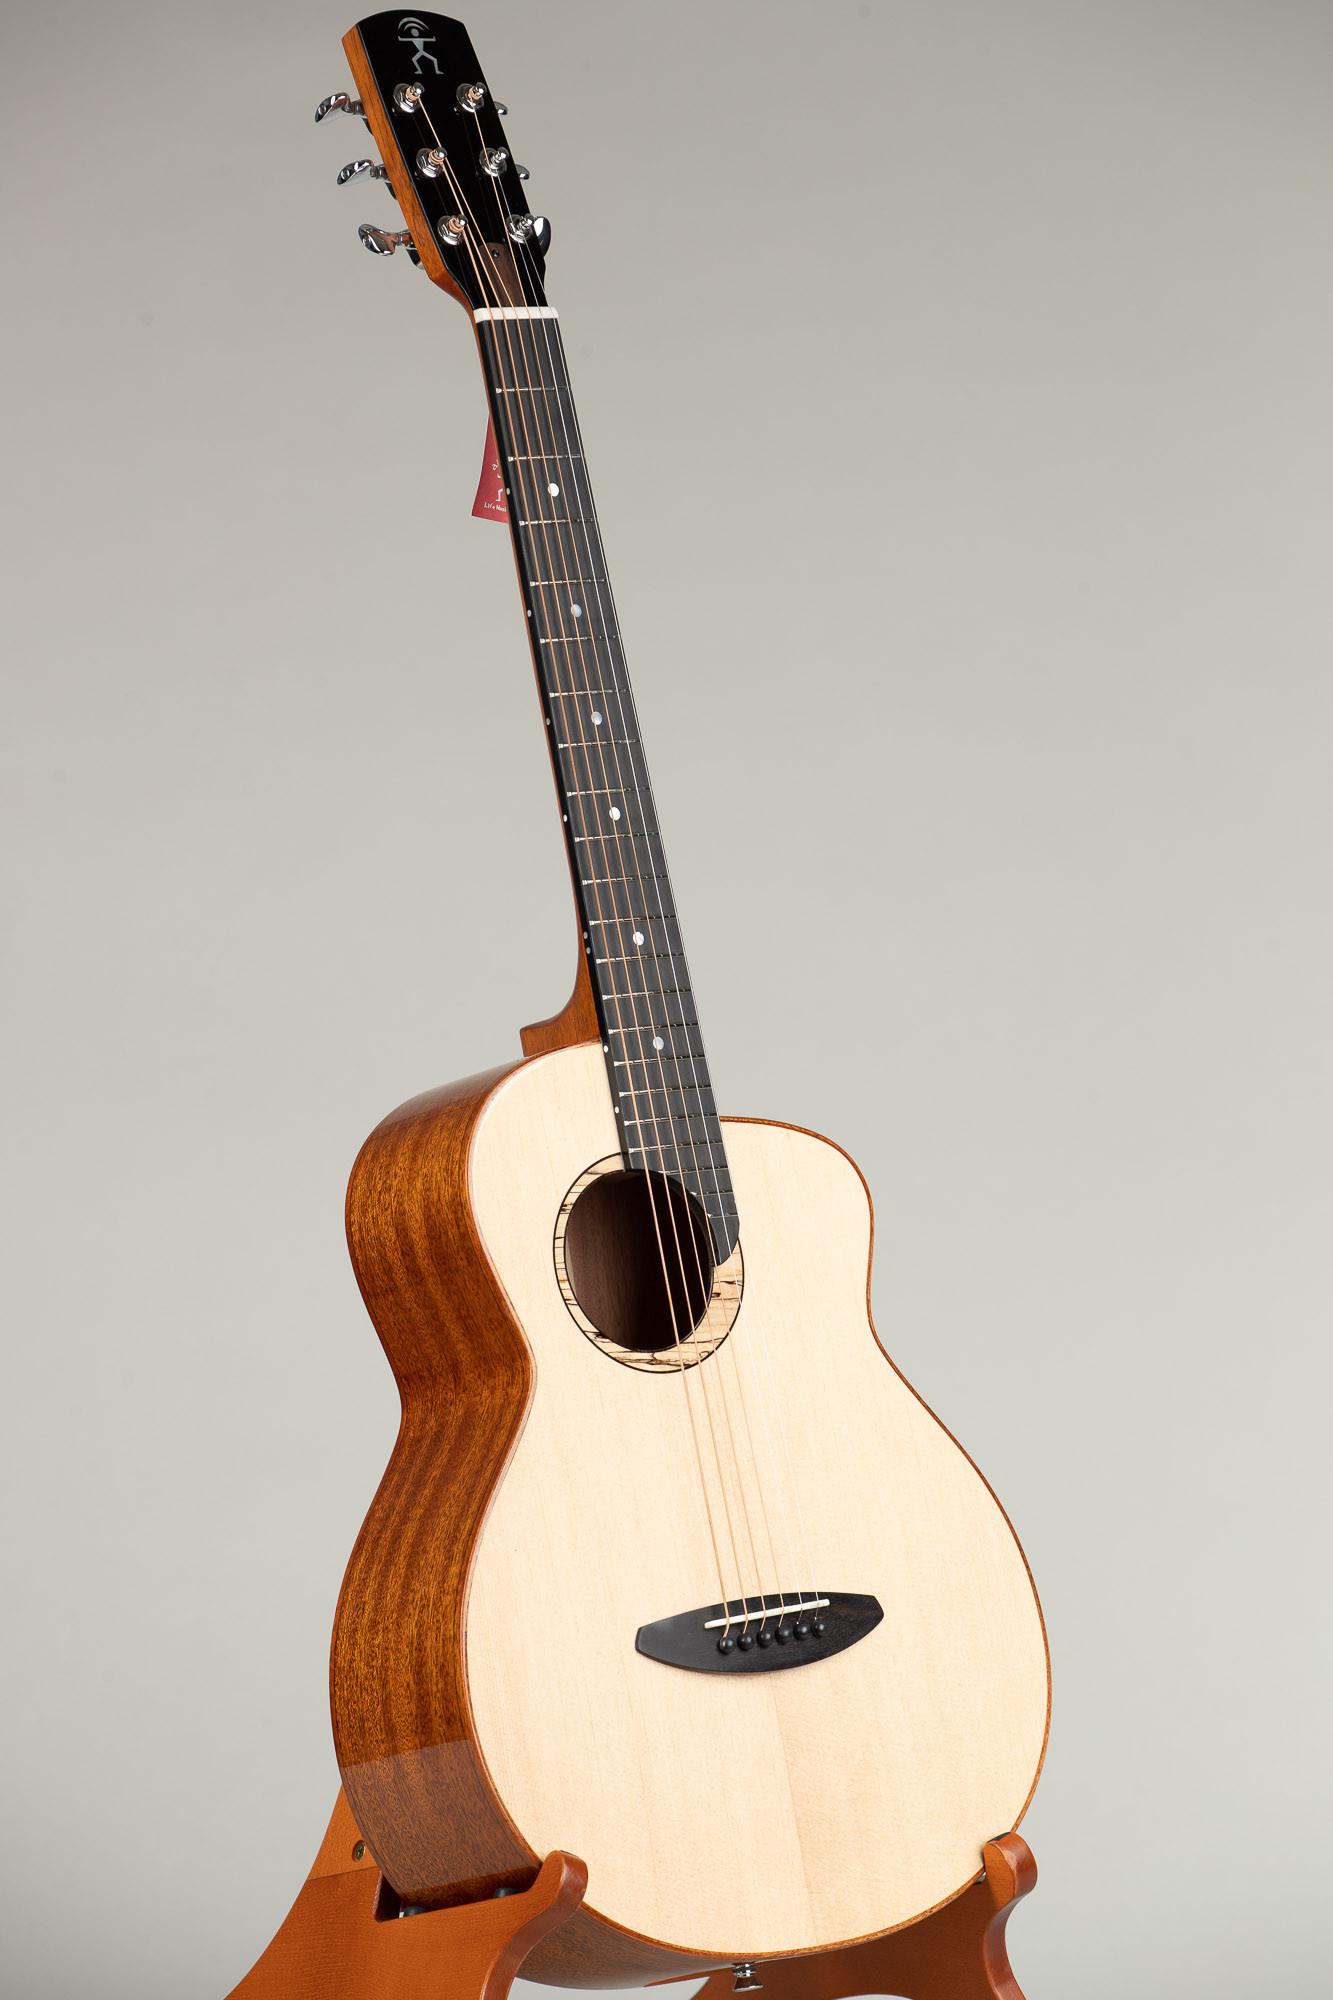 aNueNue Traveler Series Guitar (M100 1508)